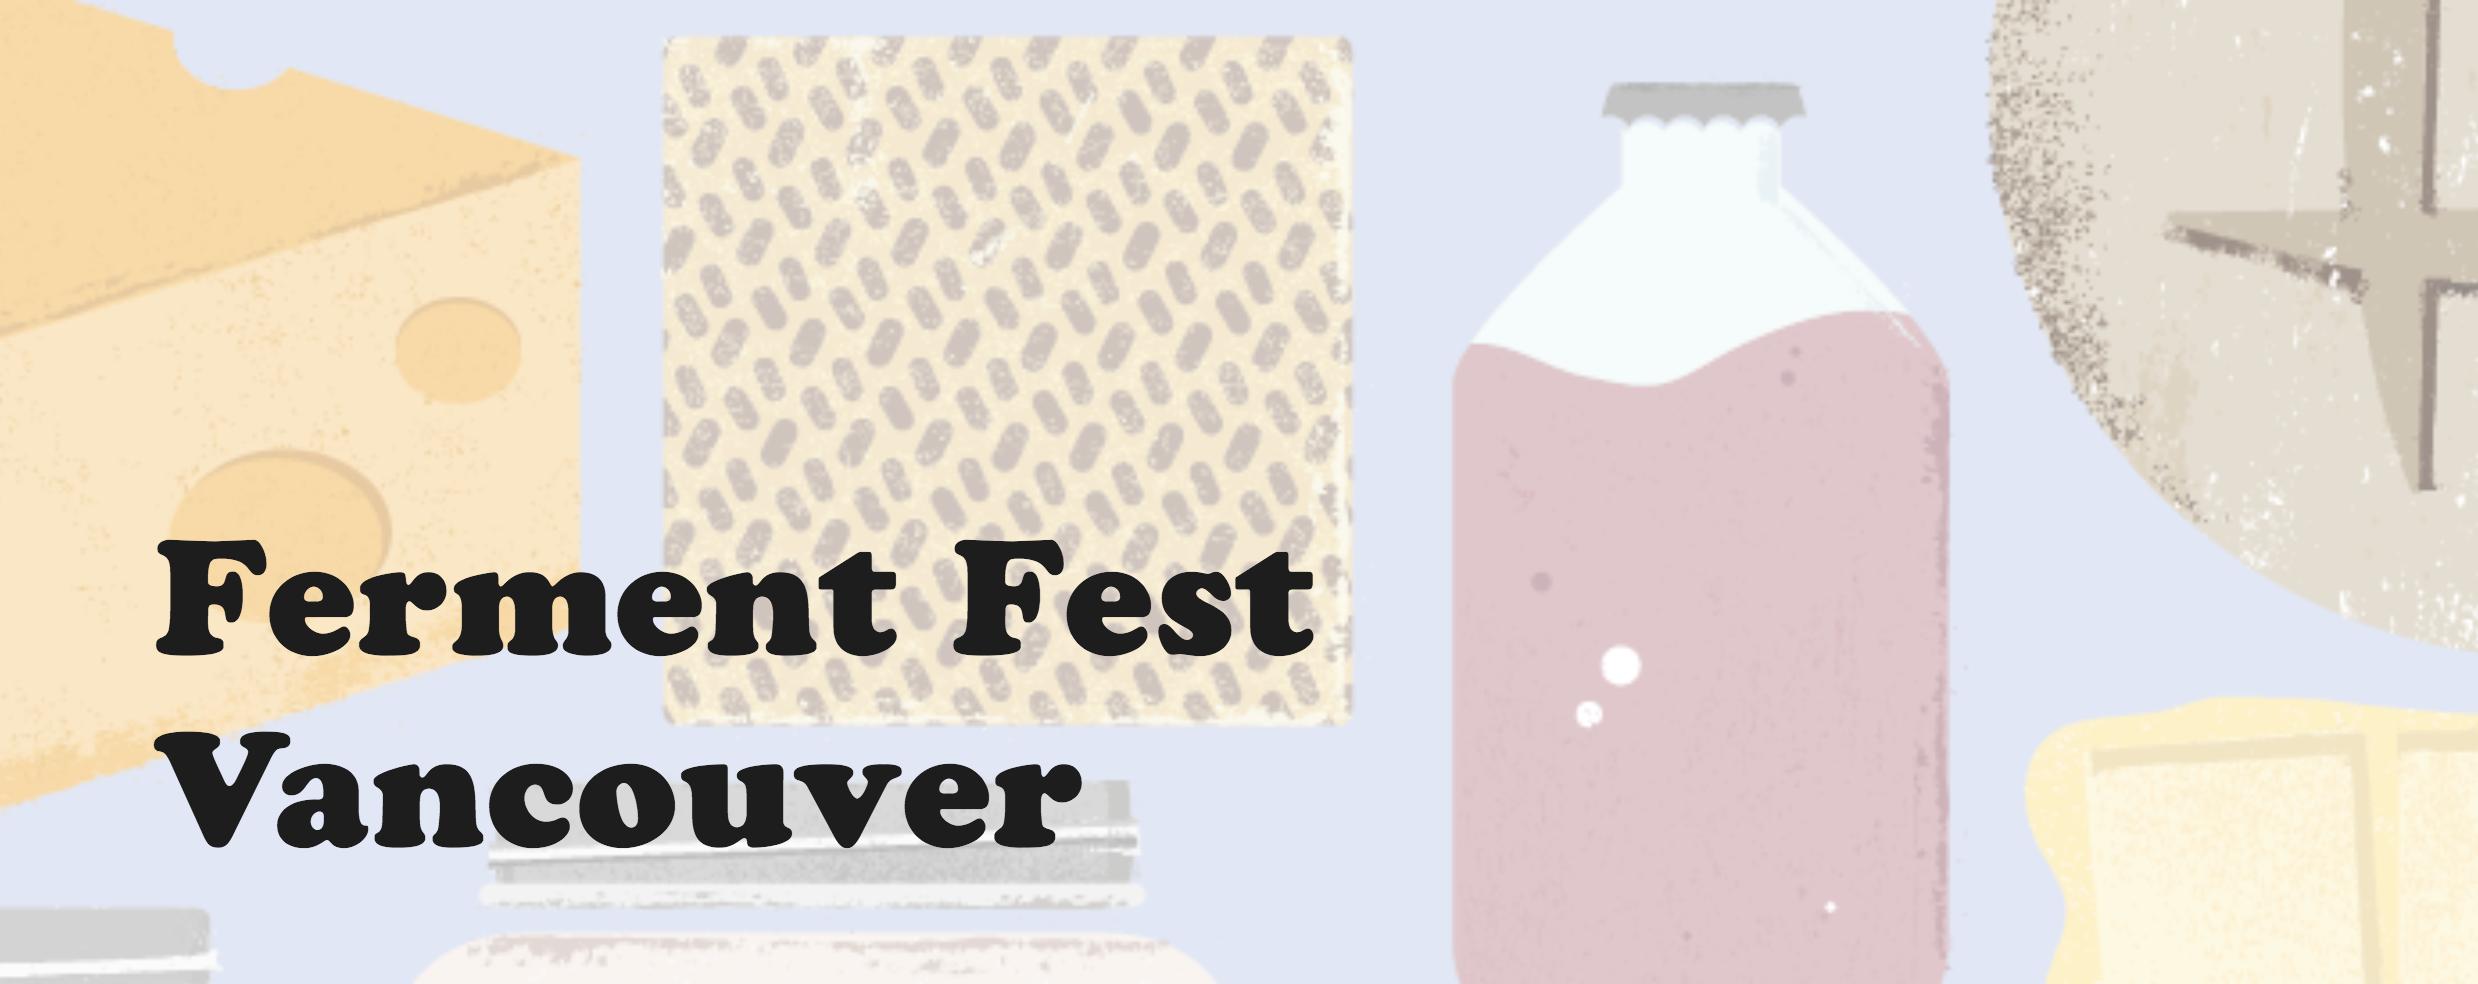 fermentfest vancouver2018png?format=original